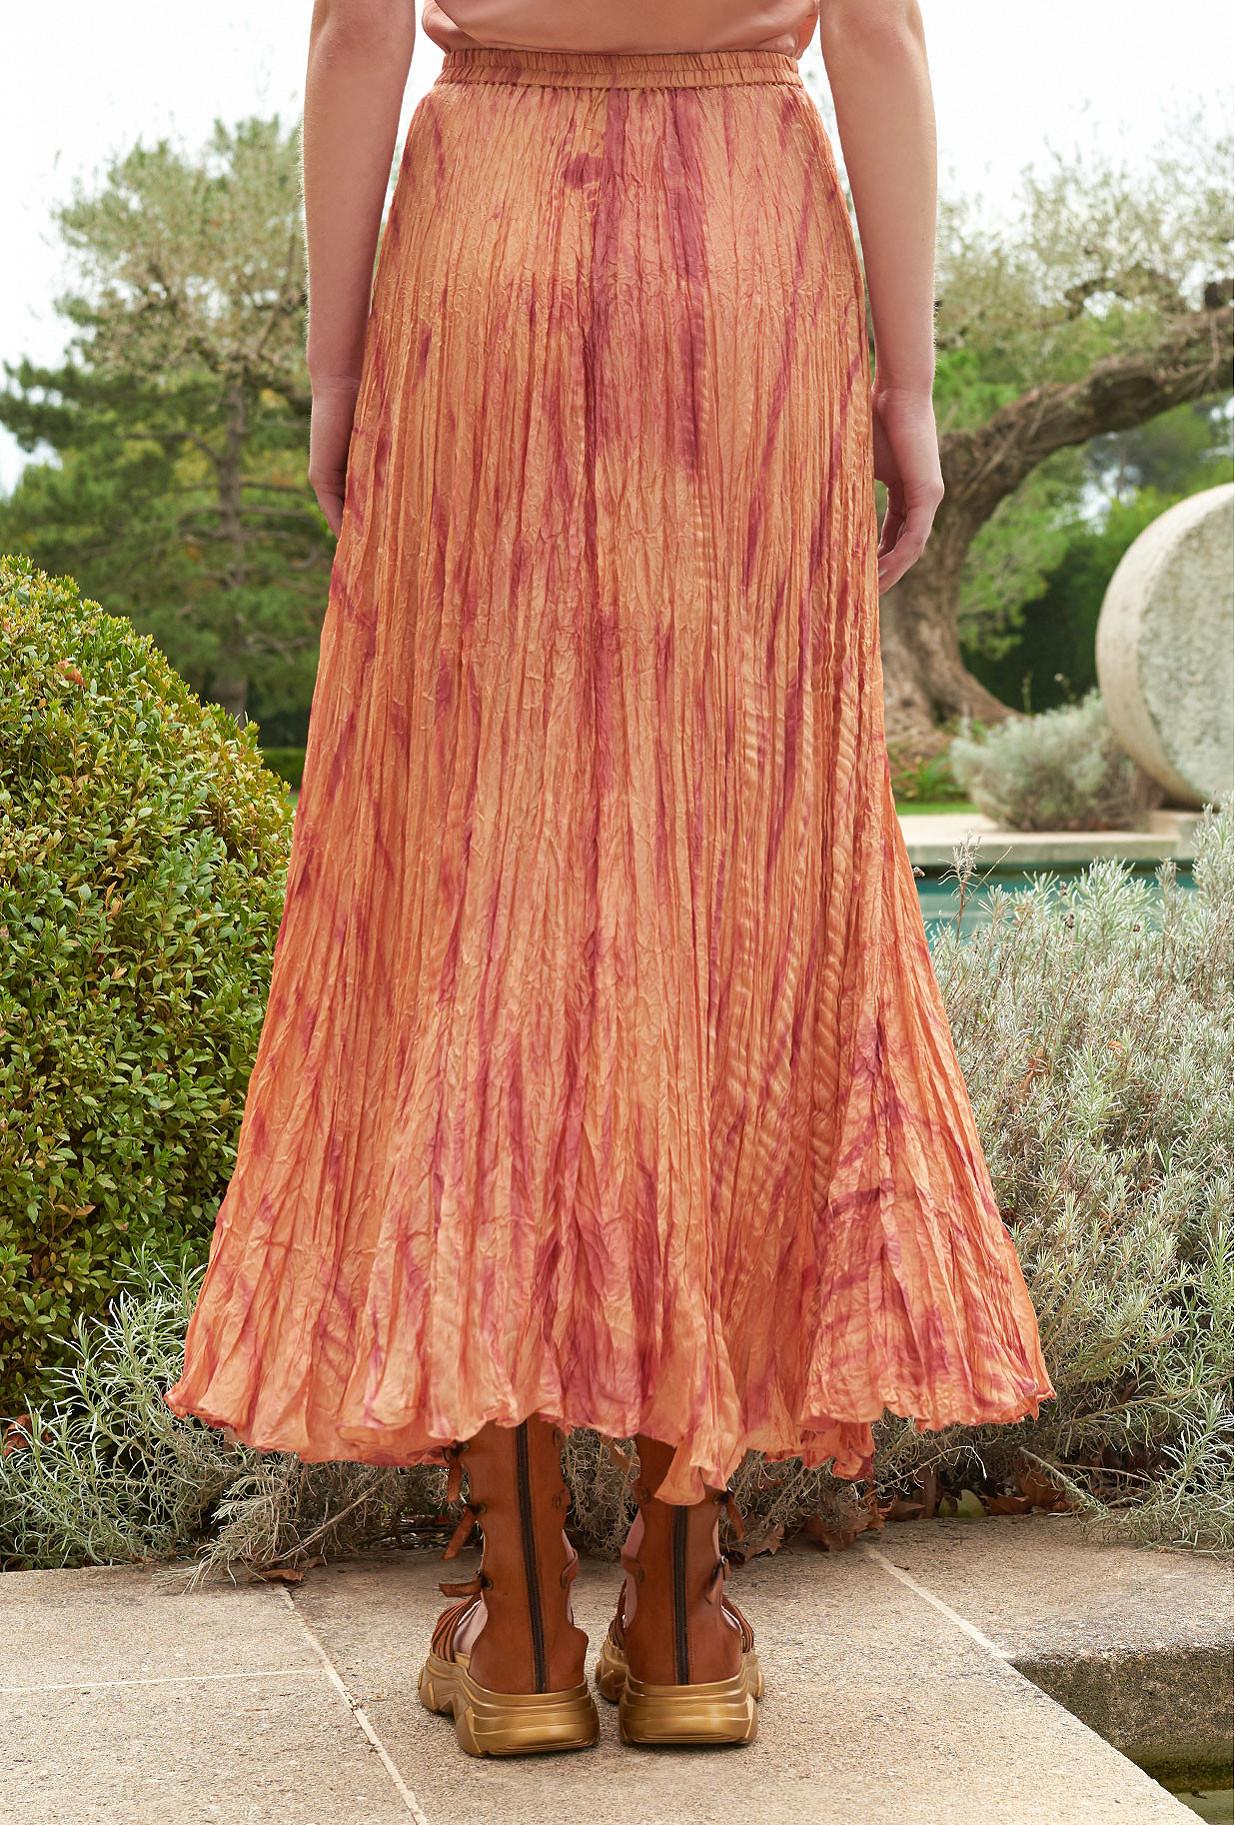 Nude  Skirt  Chaleur Mes demoiselles fashion clothes designer Paris